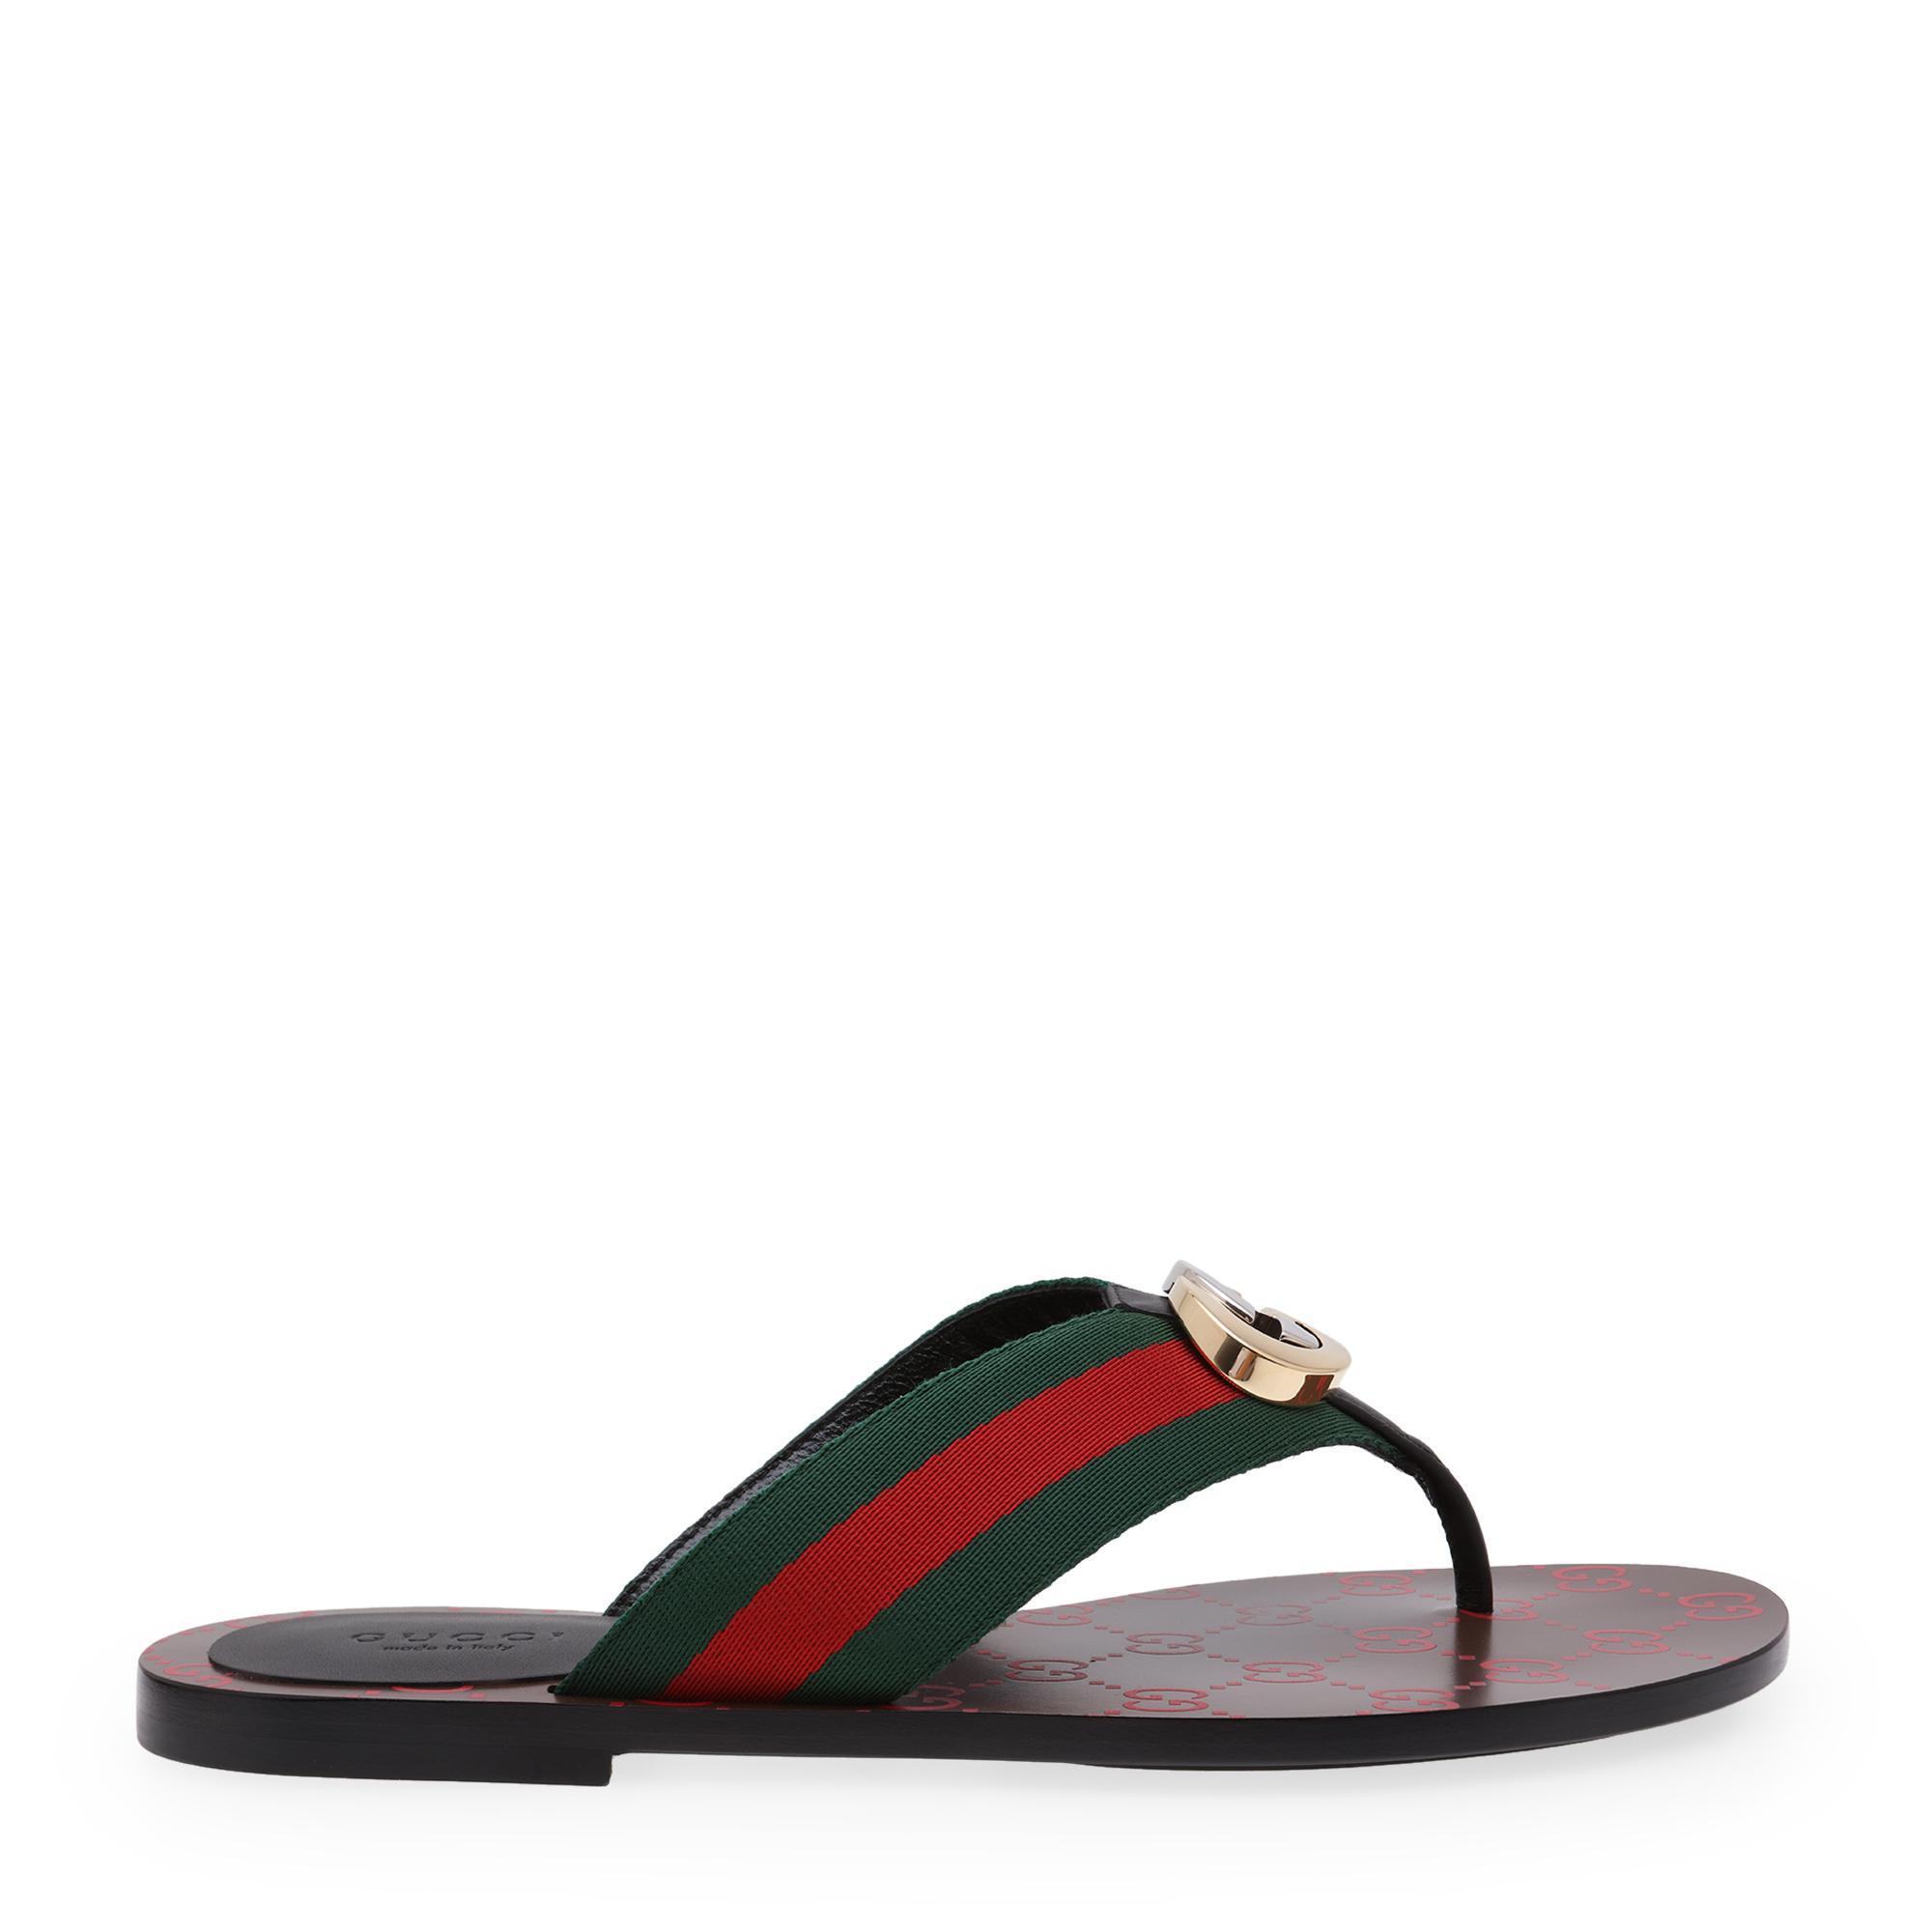 GG flat sandals